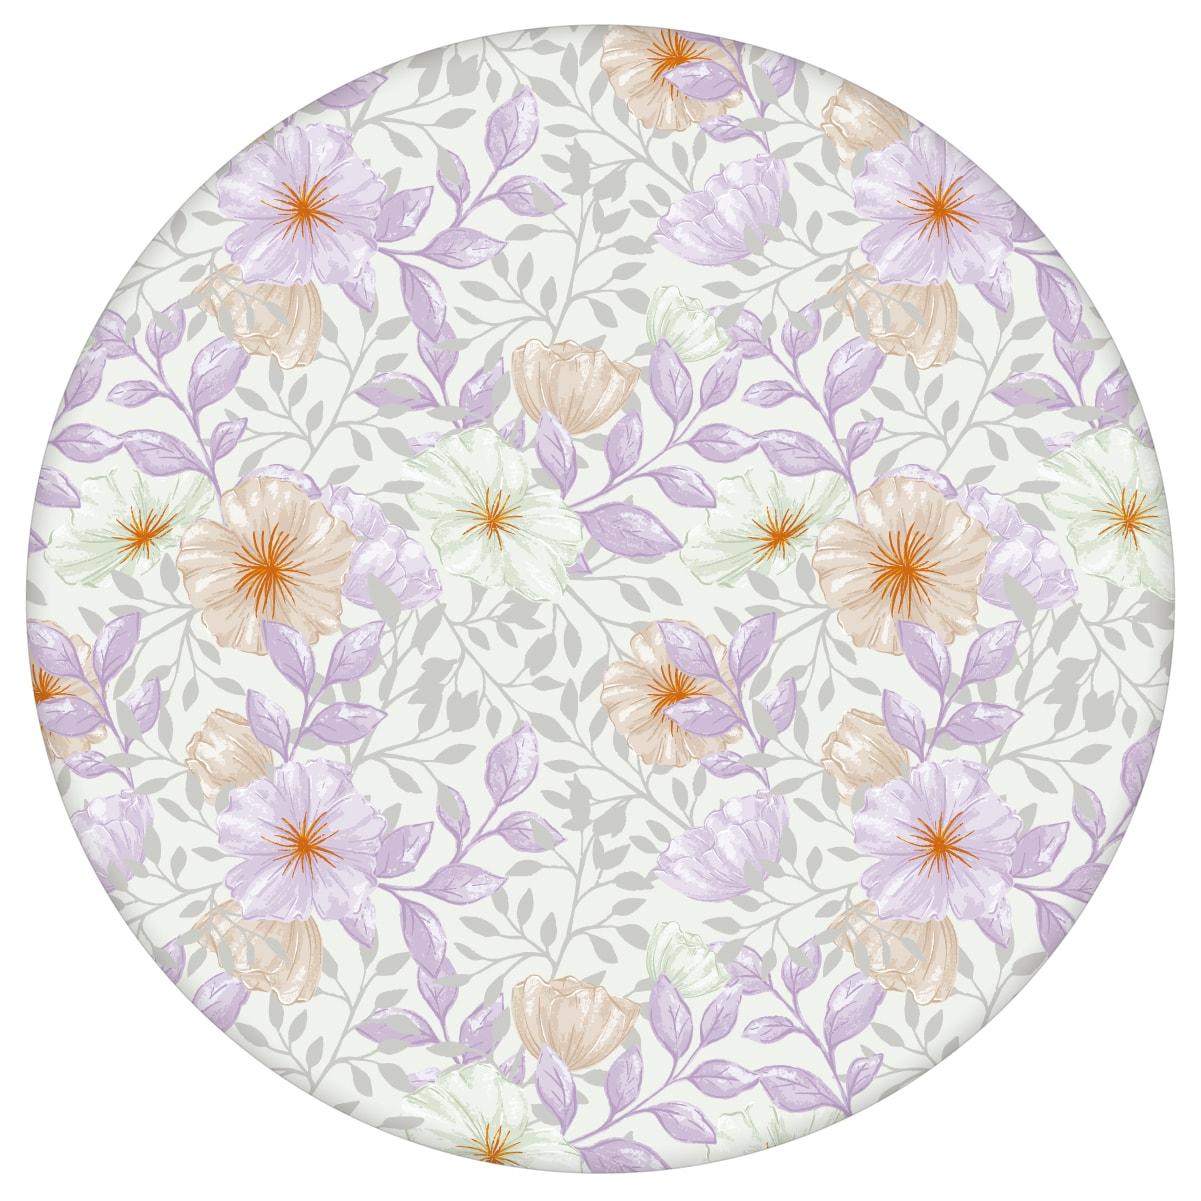 """Üppige Tapete """"Hibiskus Garten"""" mit zarten Blüten, lila Vlies-Tapete für Schlafzimmer aus den Tapeten Neuheiten Blumentapeten und Borten als Naturaltouch Luxus Vliestapete oder Basic Vliestapete"""